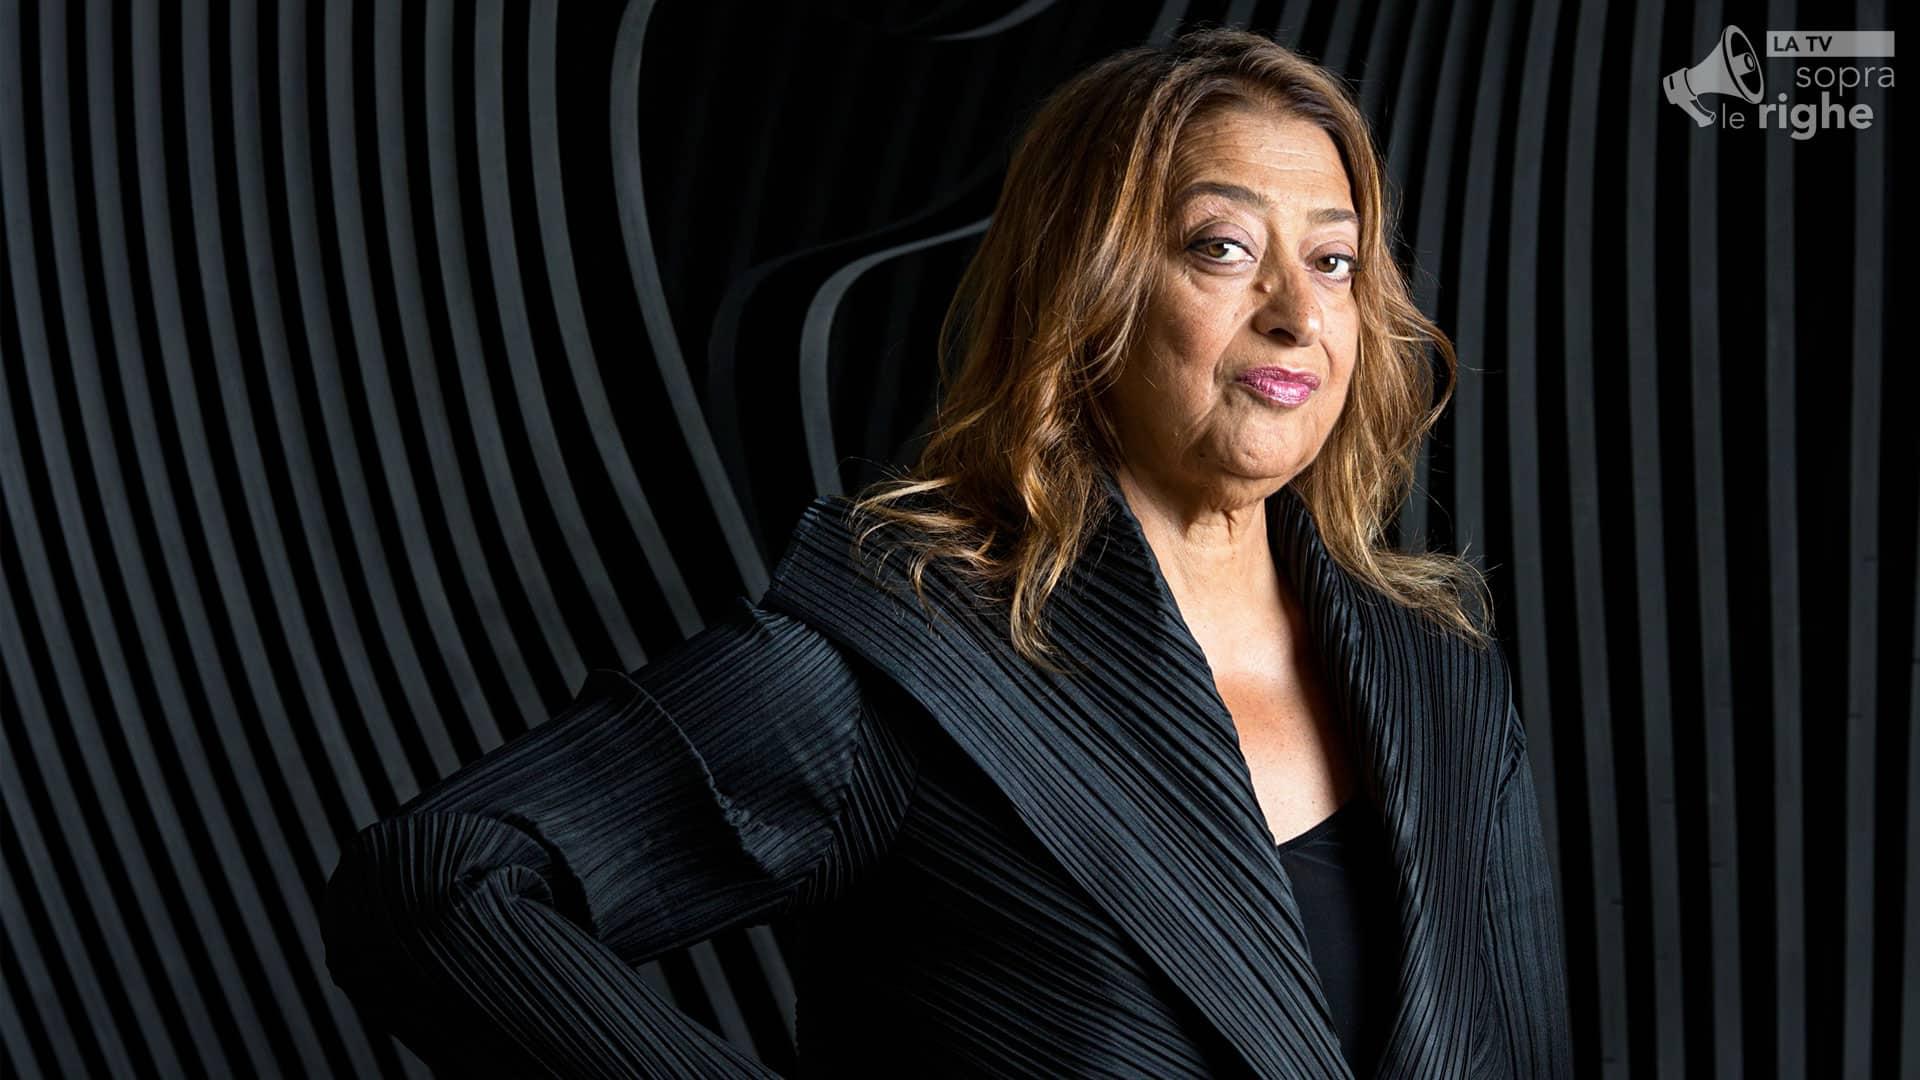 Muore l'archistar Zaha Hadid: addio alla regina delle  curve